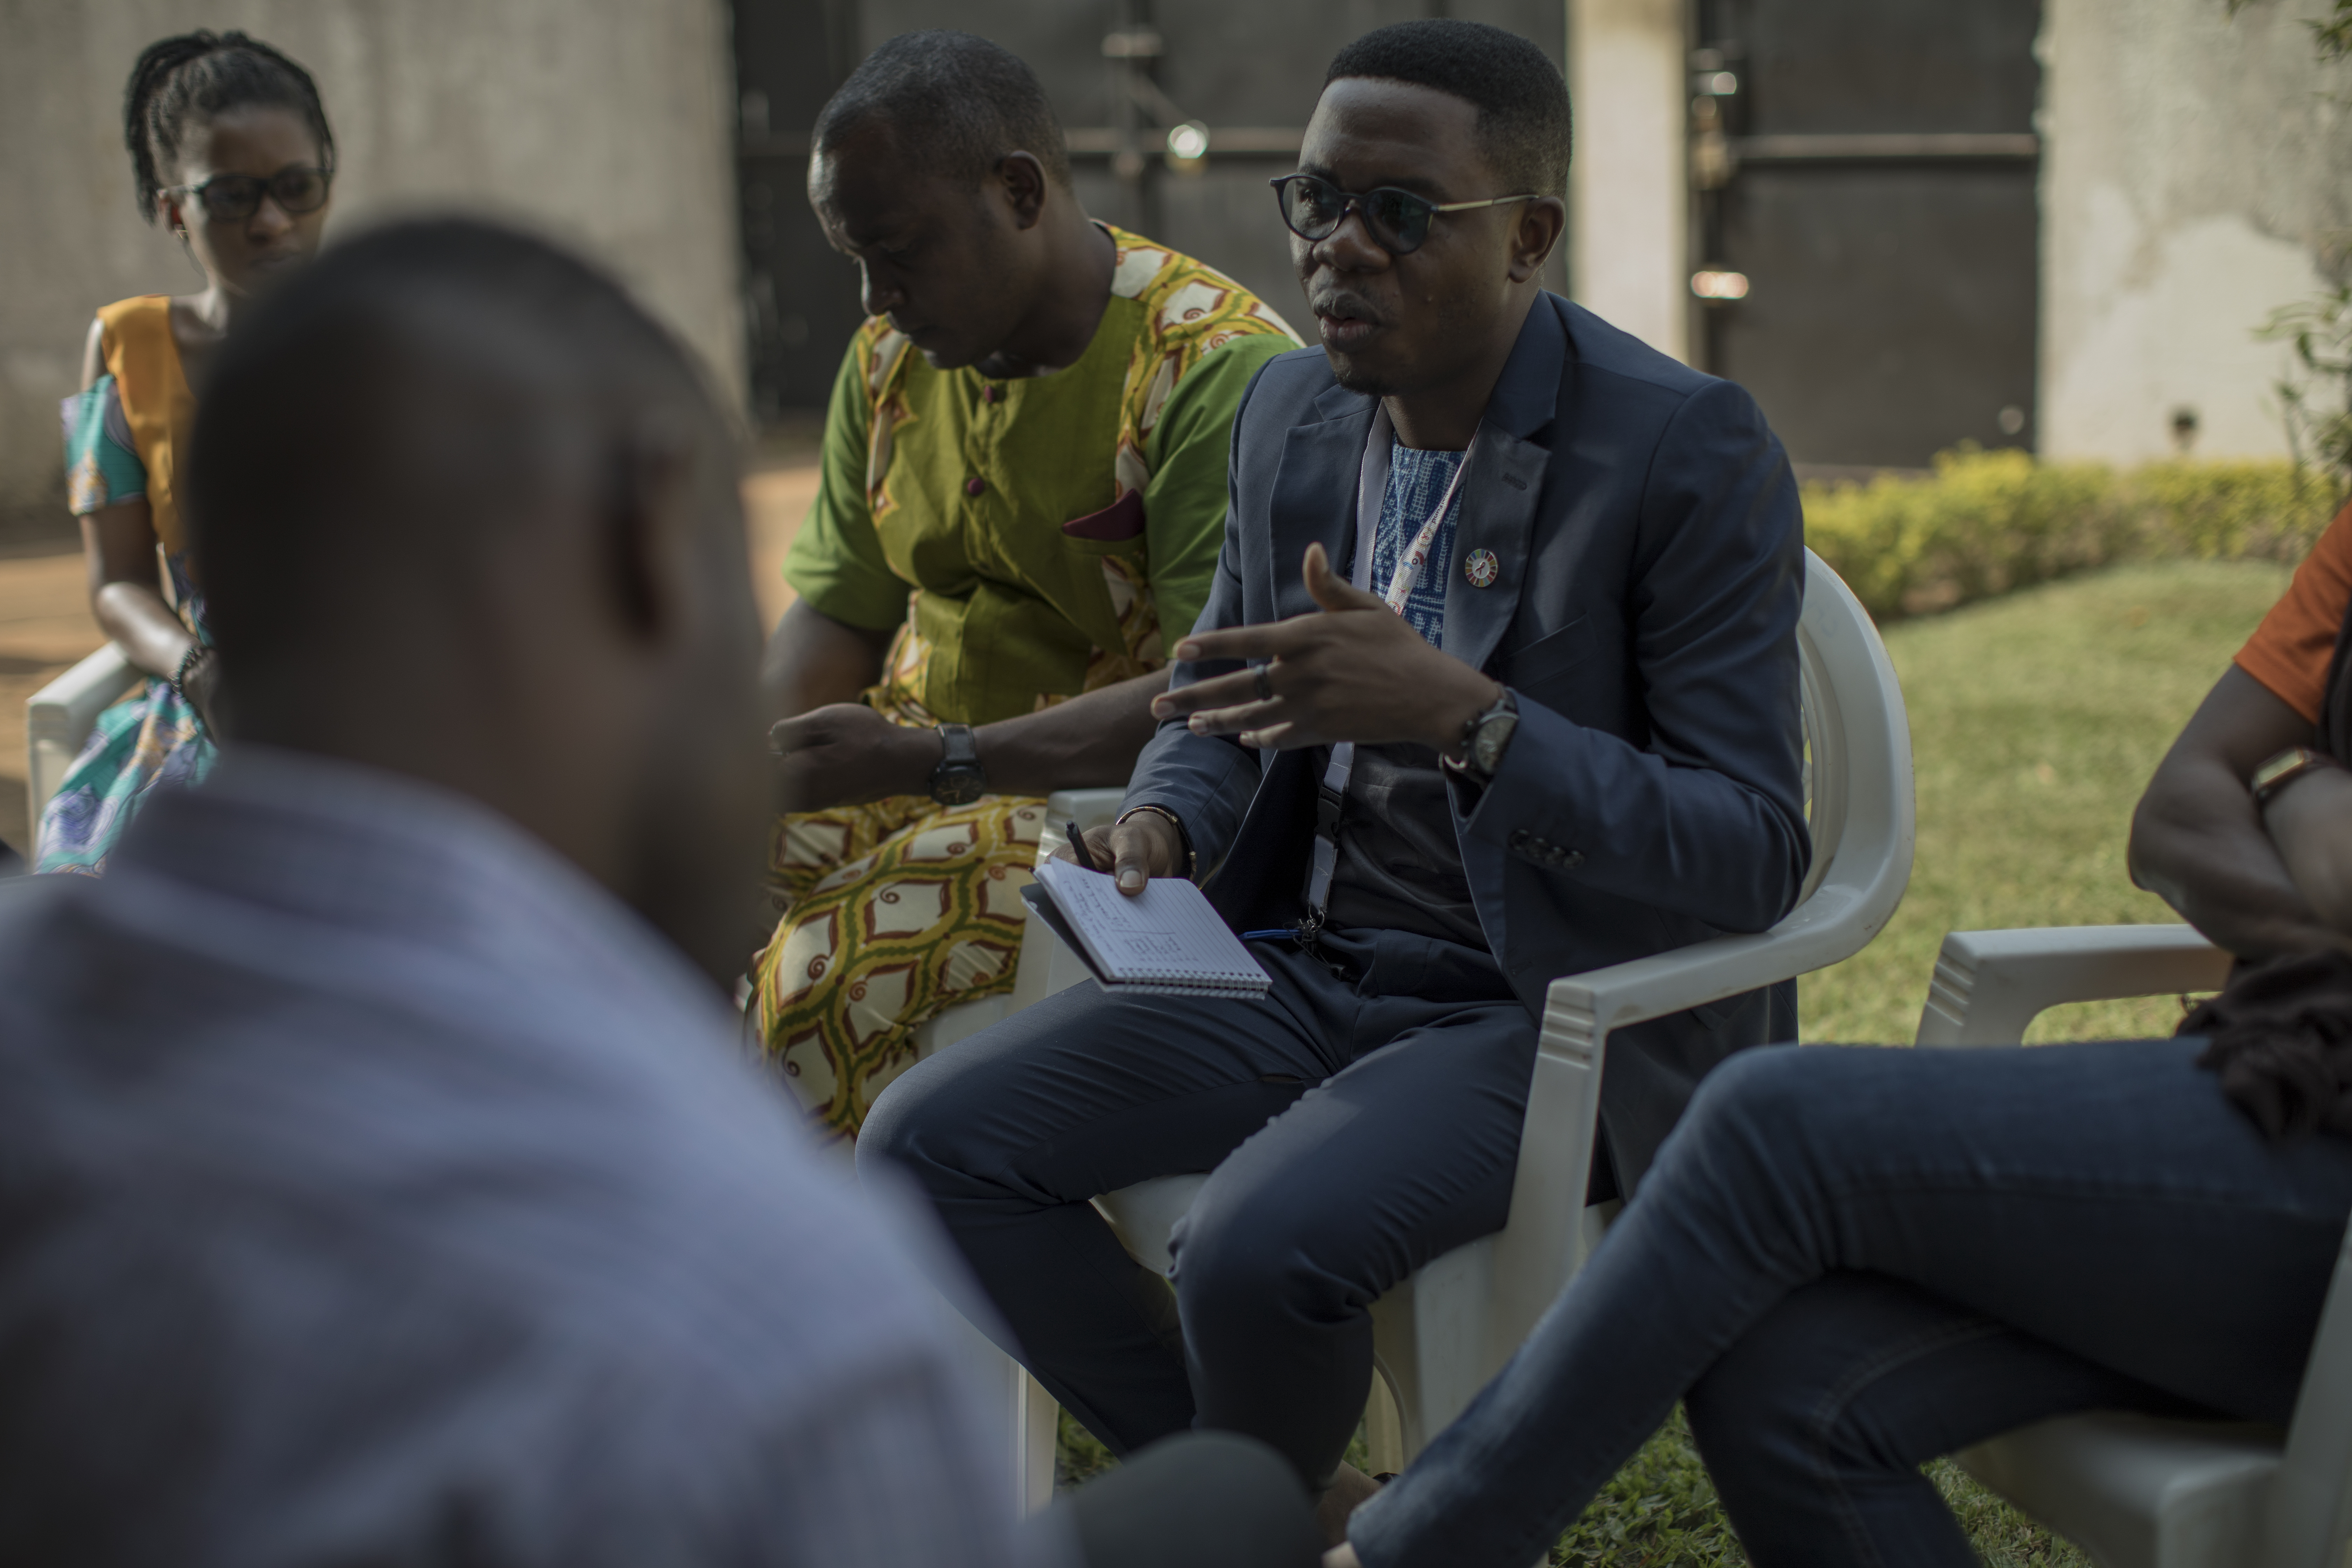 Serge anime un atelier intitulé « Réunion sur le renforcement des capacités des représentants des populations hautement vulnérables sur l'engagement communautaire et le Mécanisme mondial de la société civile » avec les principales parties prenantes au siège social d'Affirmative Action, à Yaoundé, au Cameroun.